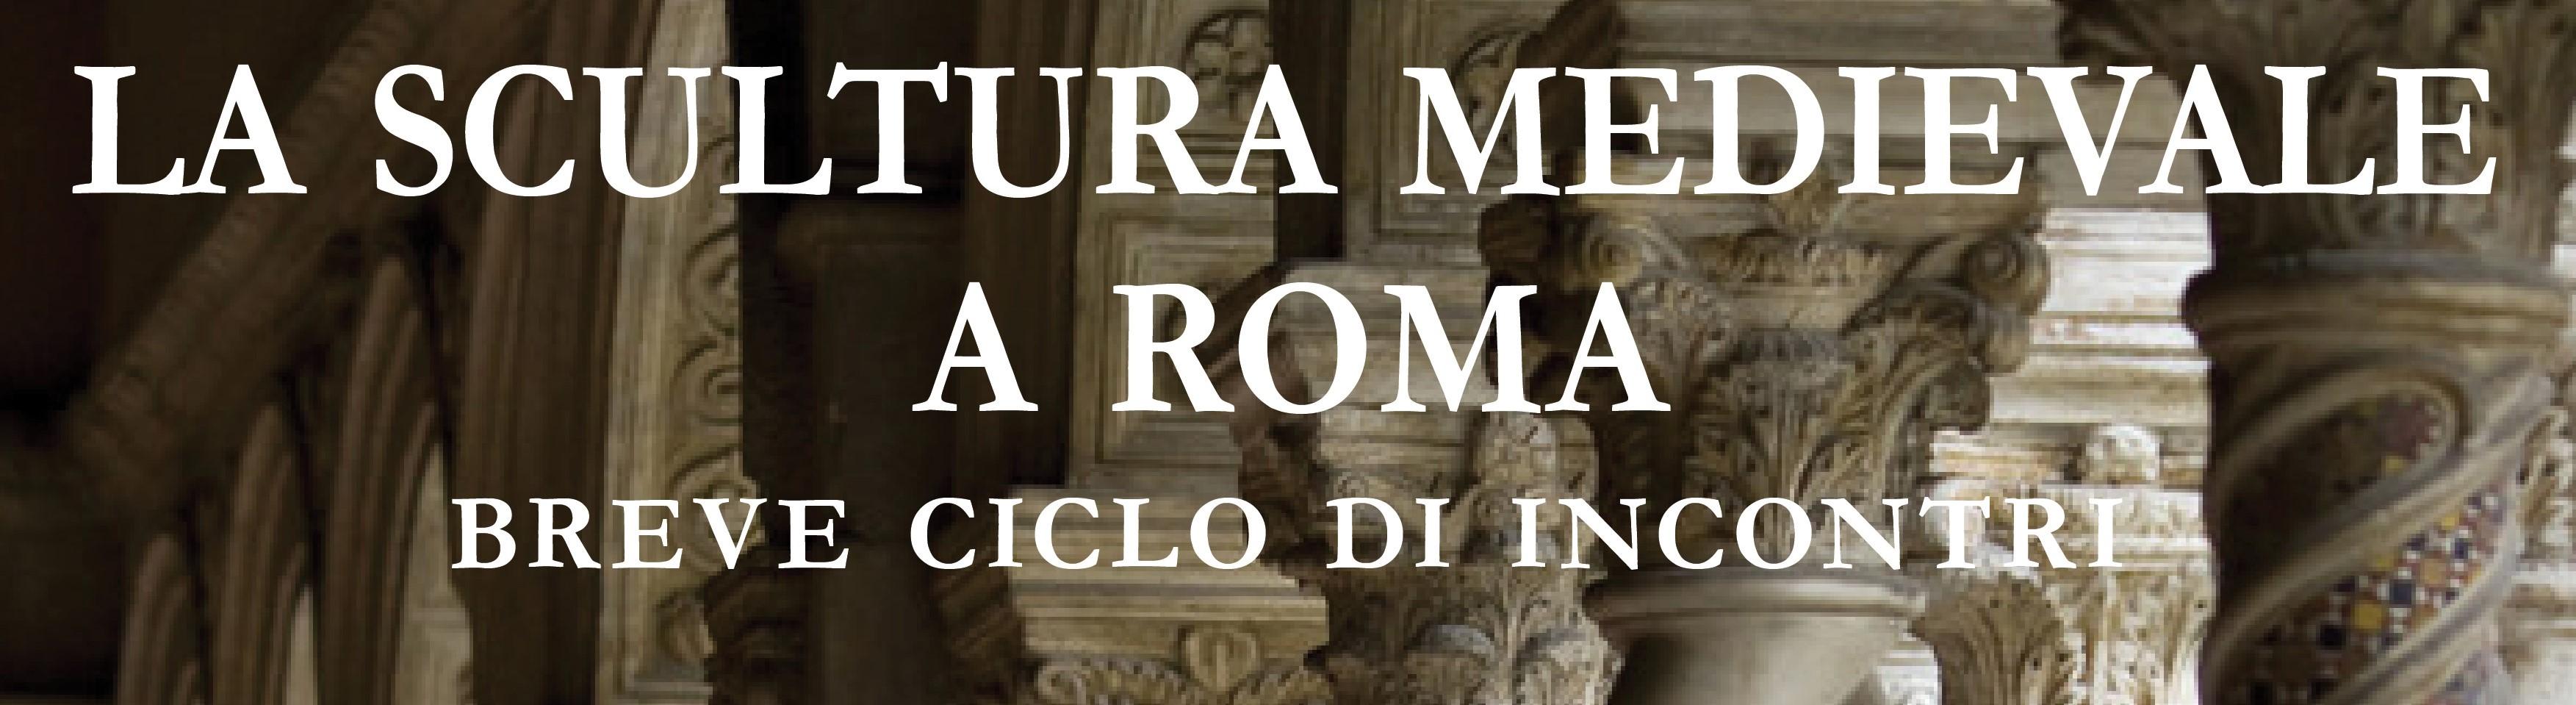 scultura-medievale-romana-per-sito-2